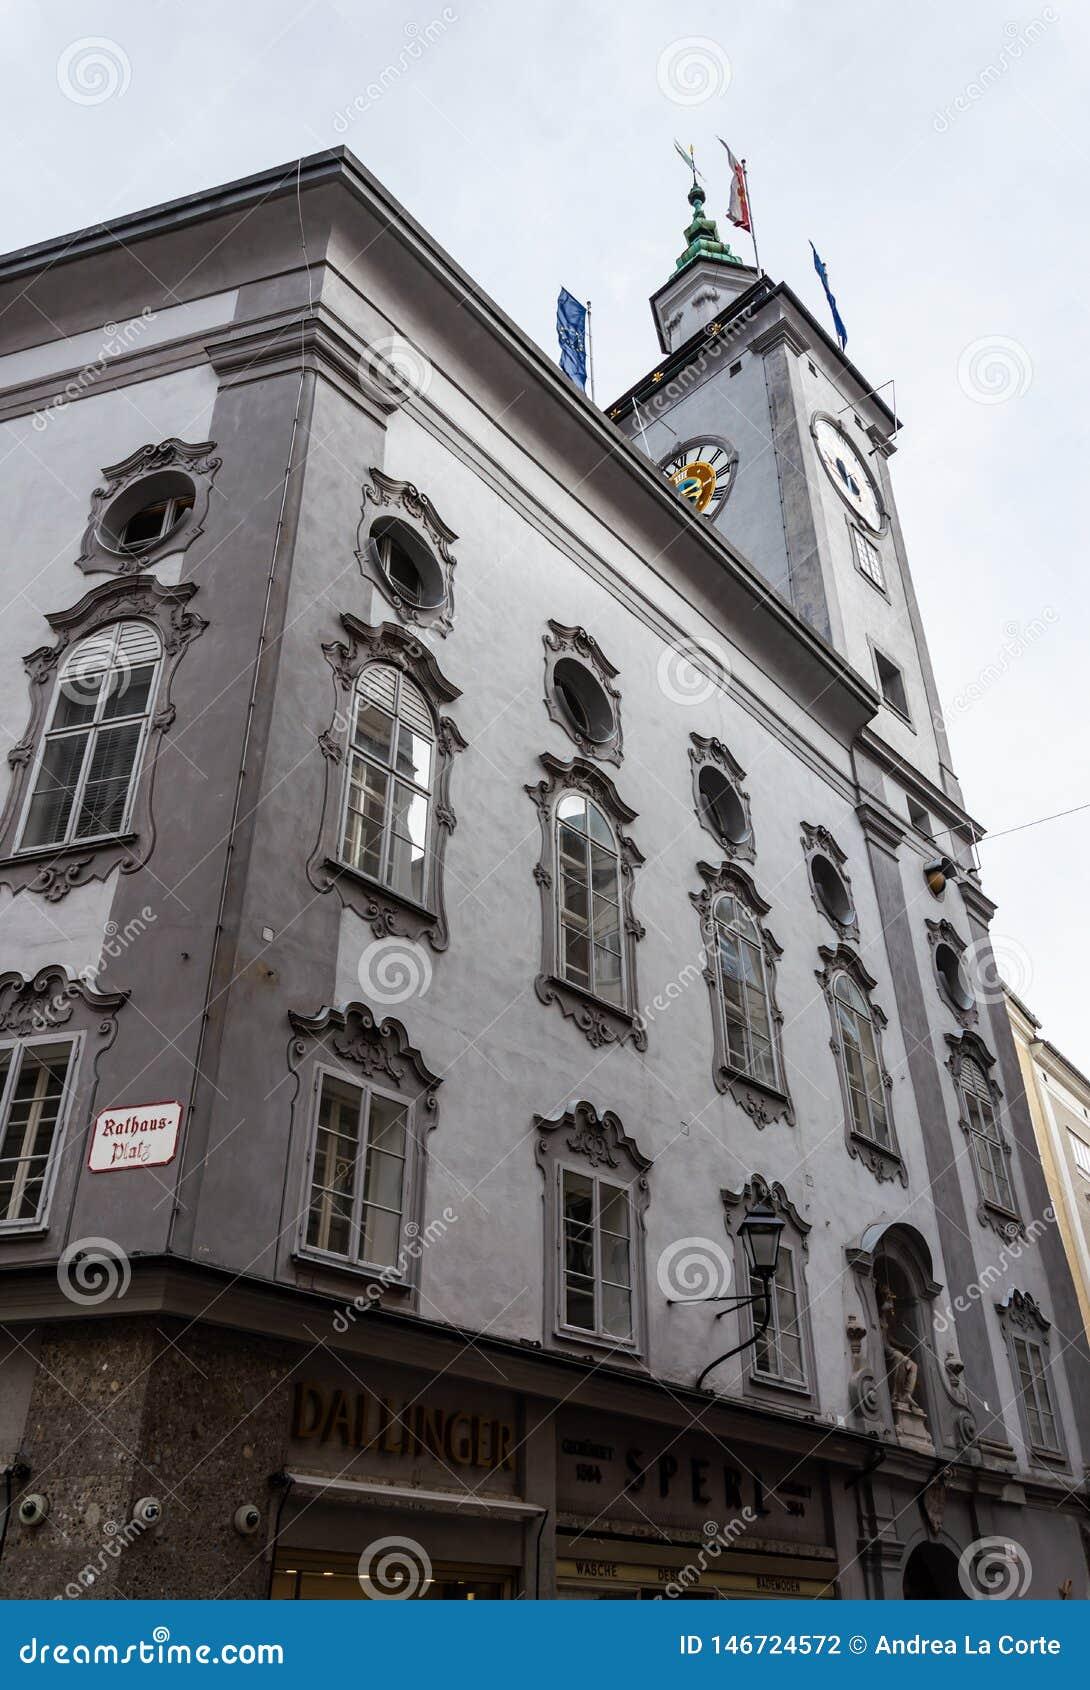 萨尔茨堡市城镇厅从萨尔茨堡街道看见的尖沙嘴钟楼